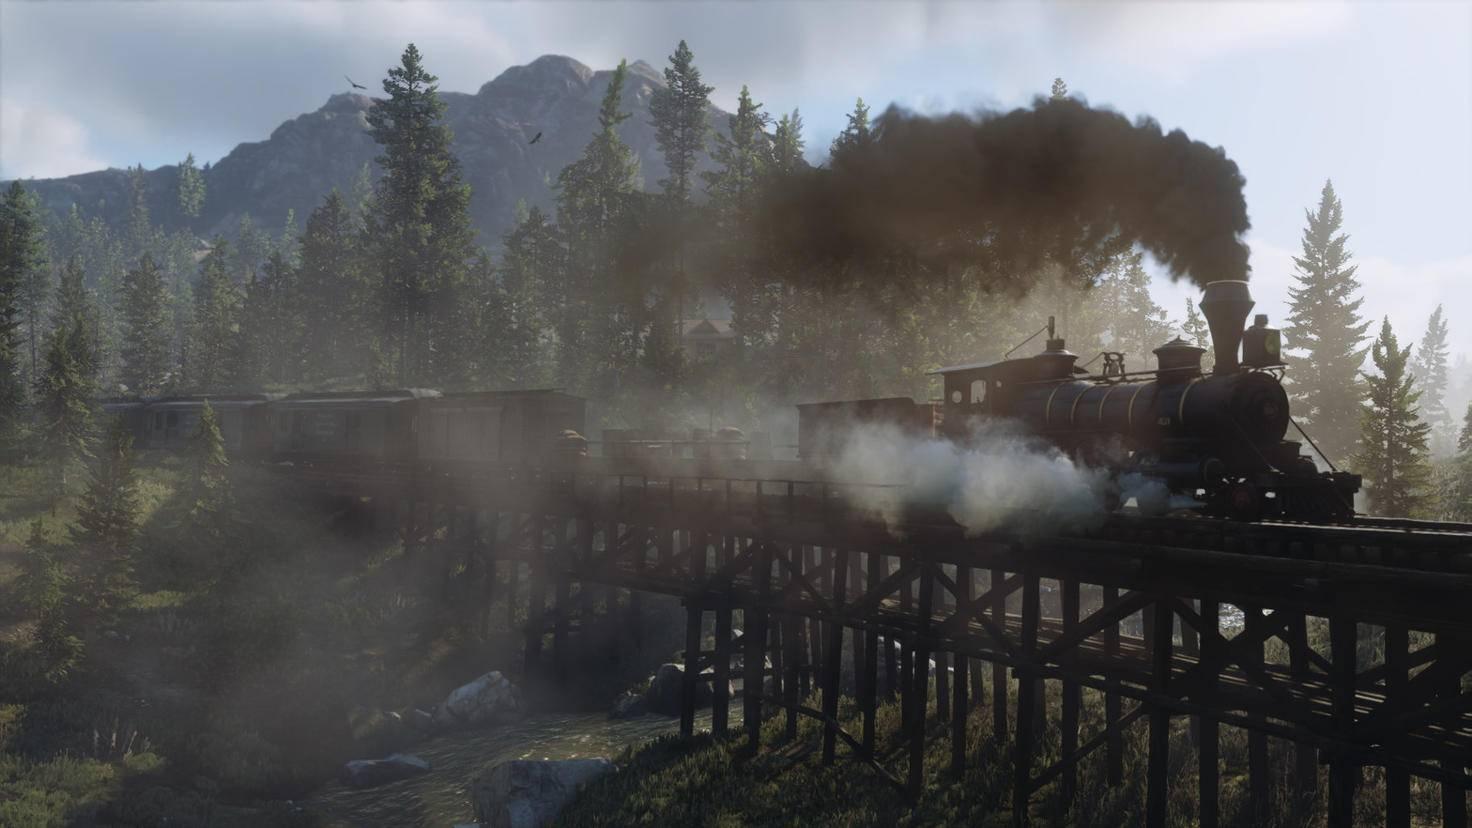 Die Eisenbahn bringt Dich schnell durch's Land.